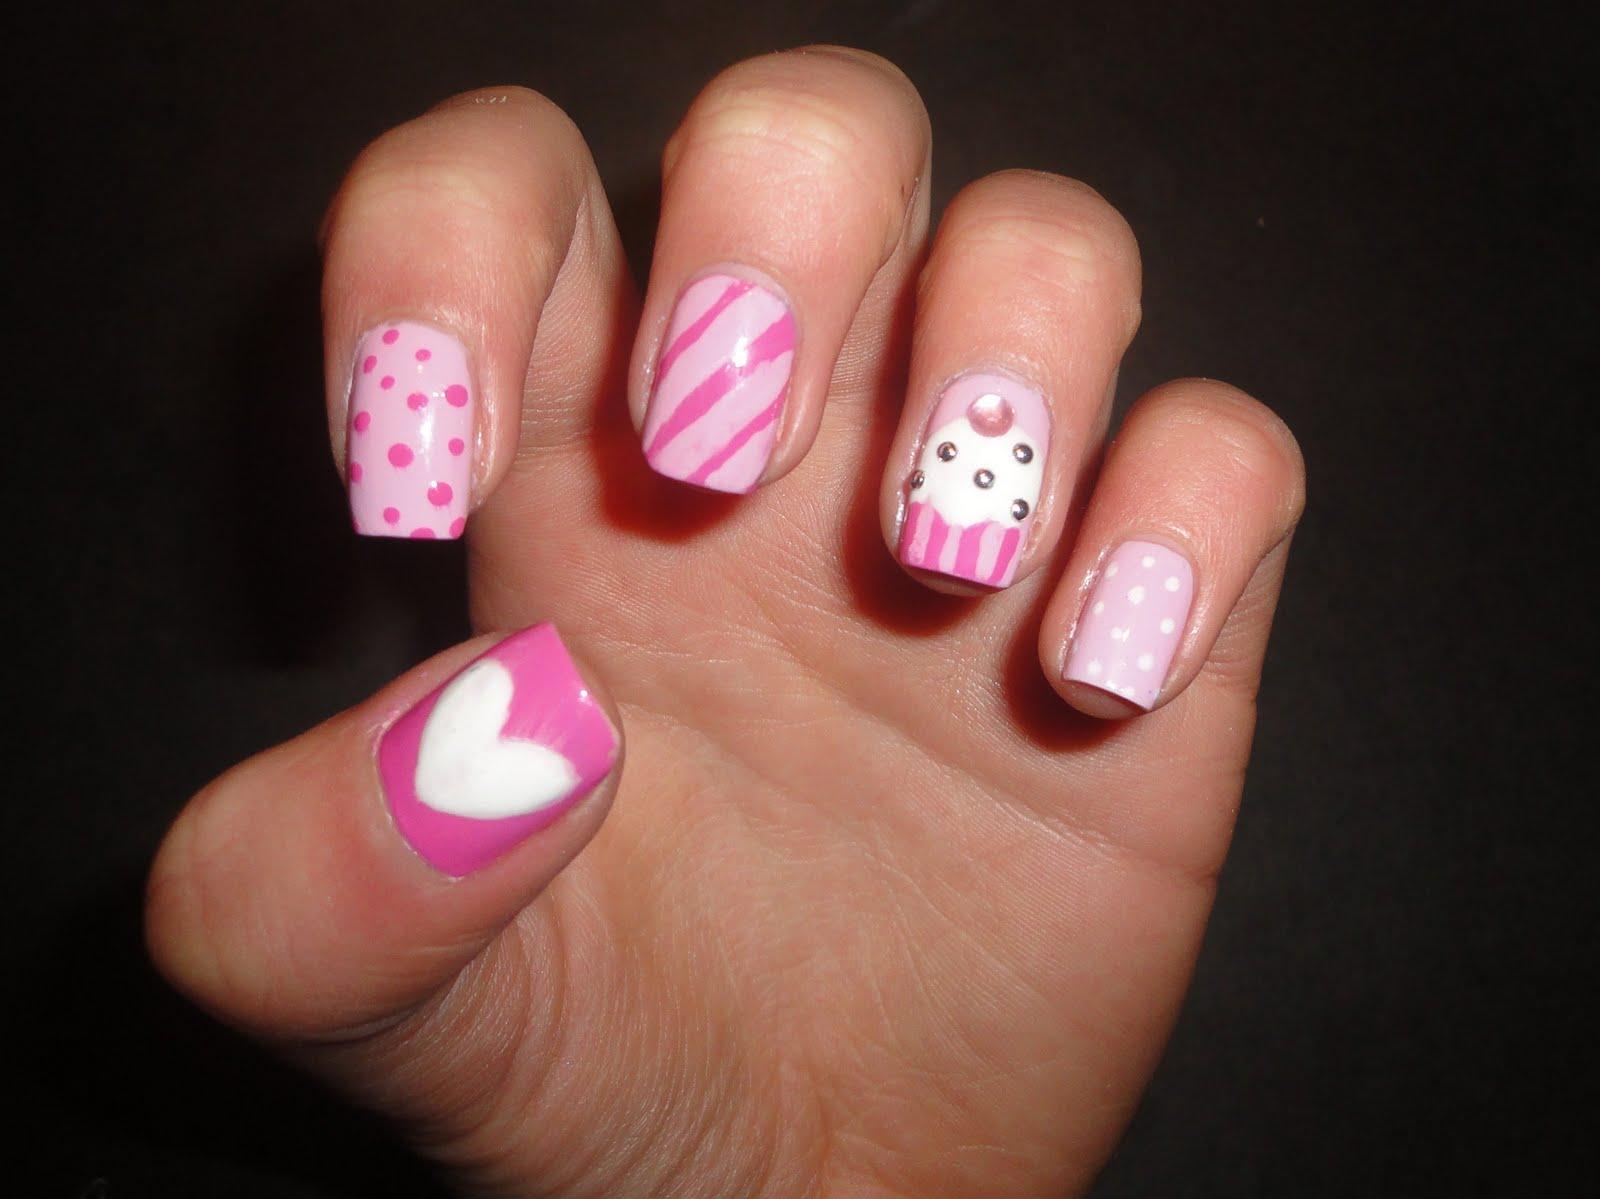 Polka dot toe nail designs polka dot toe nail designs 31 adorable toe nail designs for this summer stayglam prinsesfo Image collections